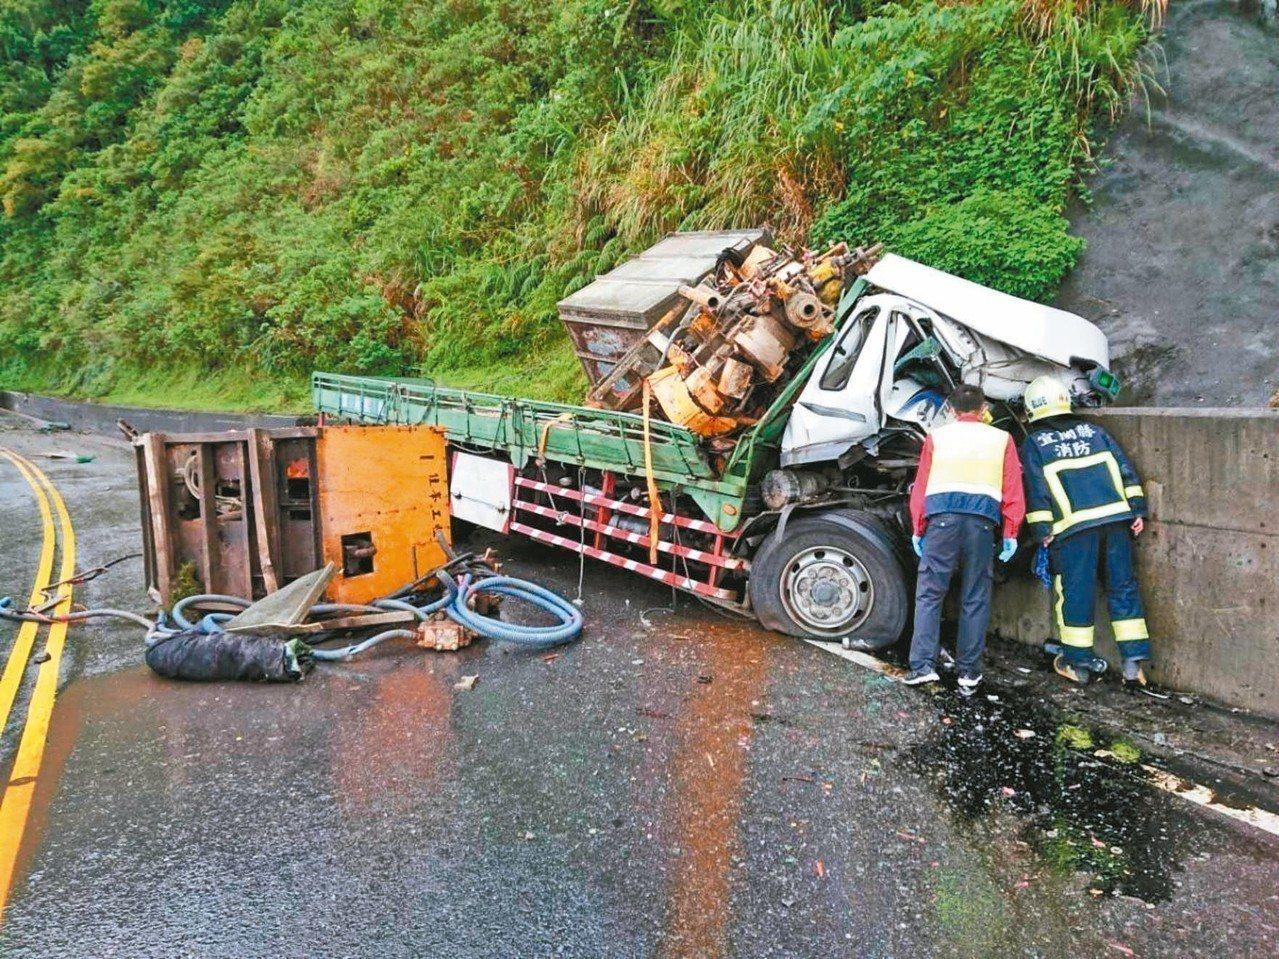 舊蘇花公路昨有大貨車滑撞山壁,張姓司機受困駕駛座,經4個多小時救援,成功救出。 ...